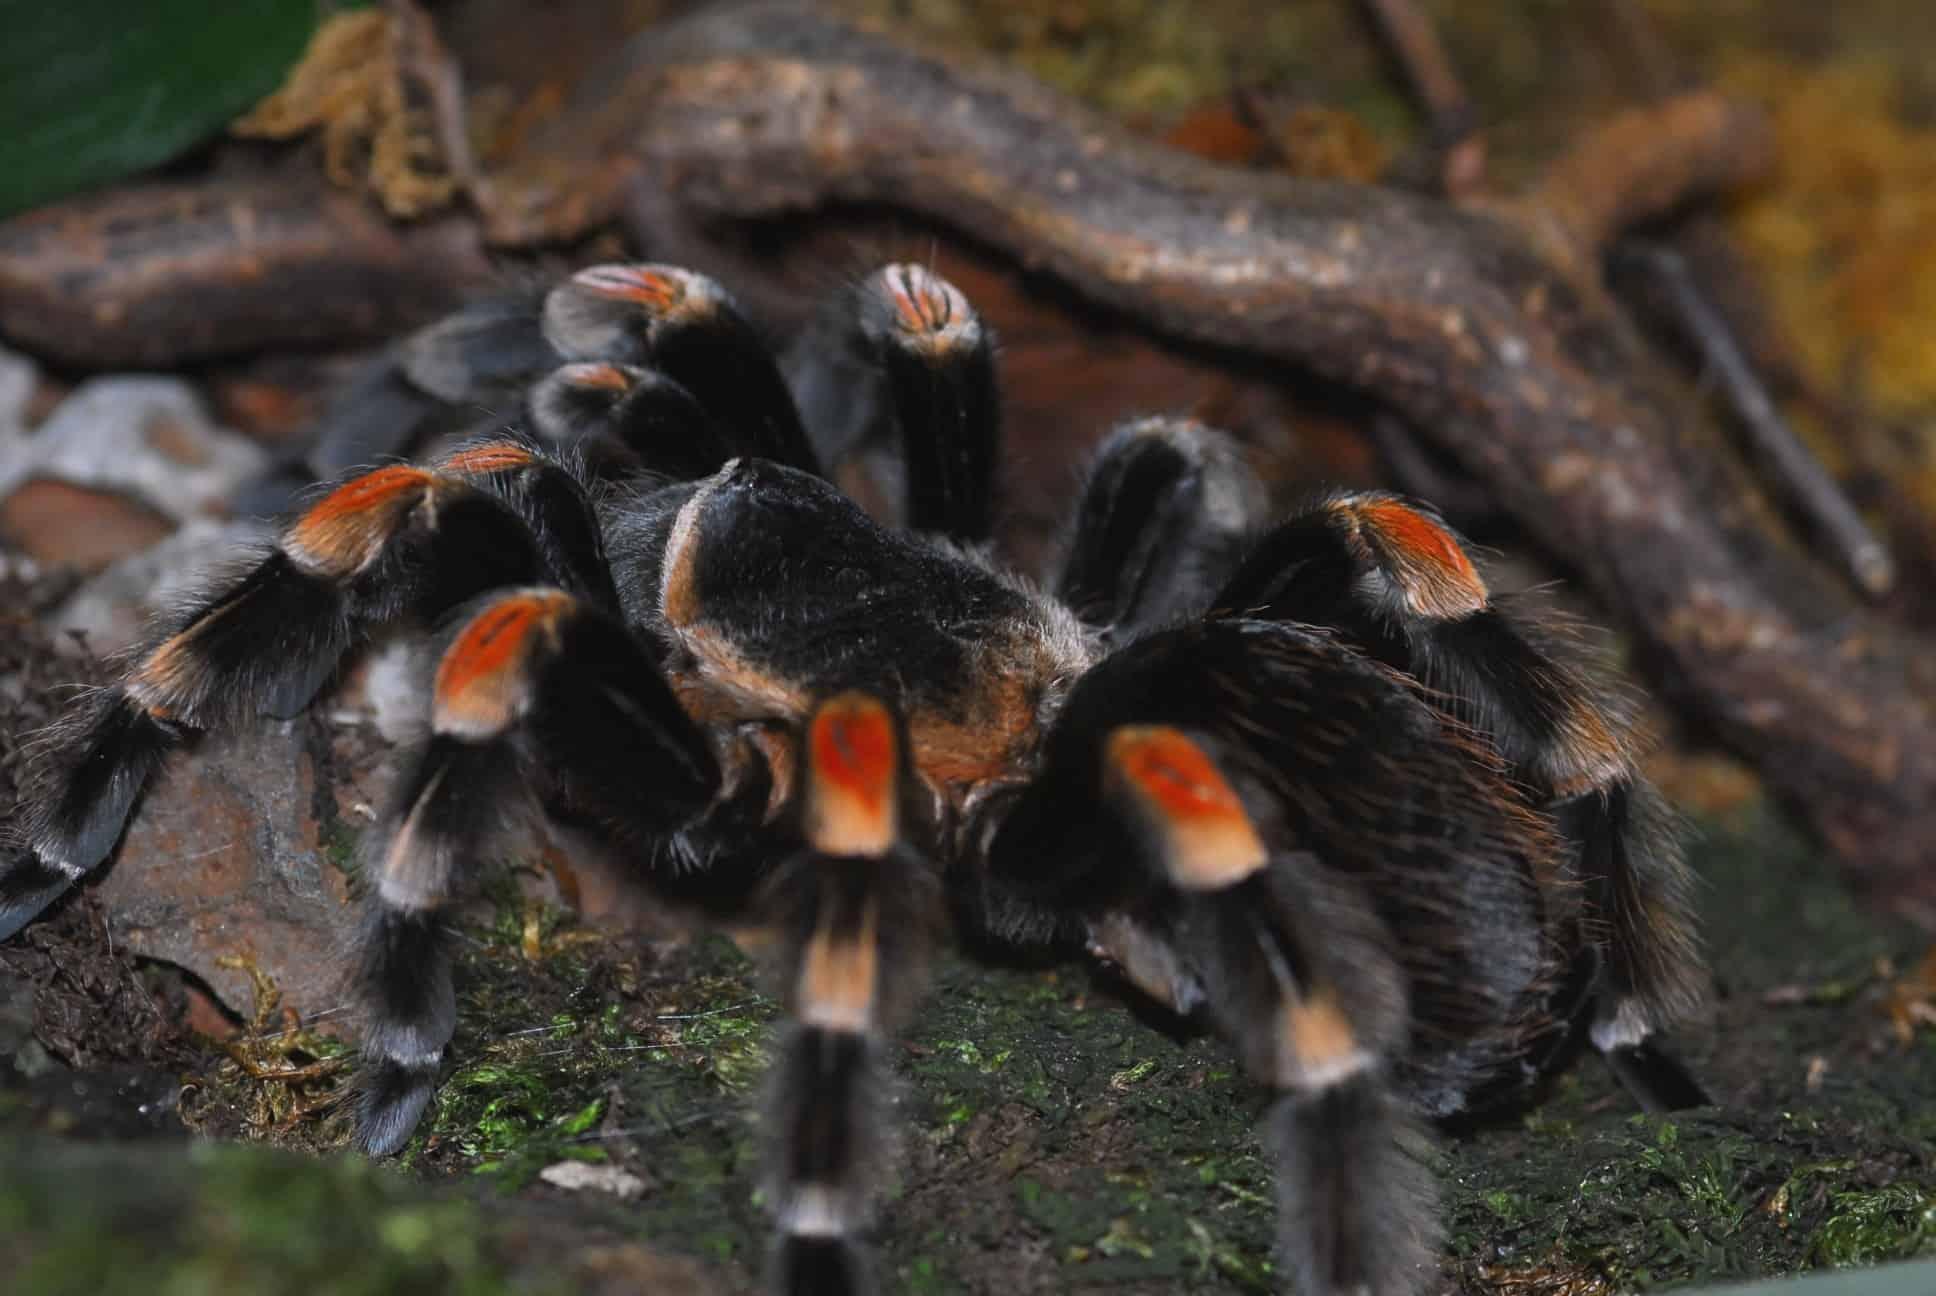 Vogelspinne im Reptilienzoo Happ in Klagenfurt - ganzjährig geöffnet - Patenschaften für Tiere möglich